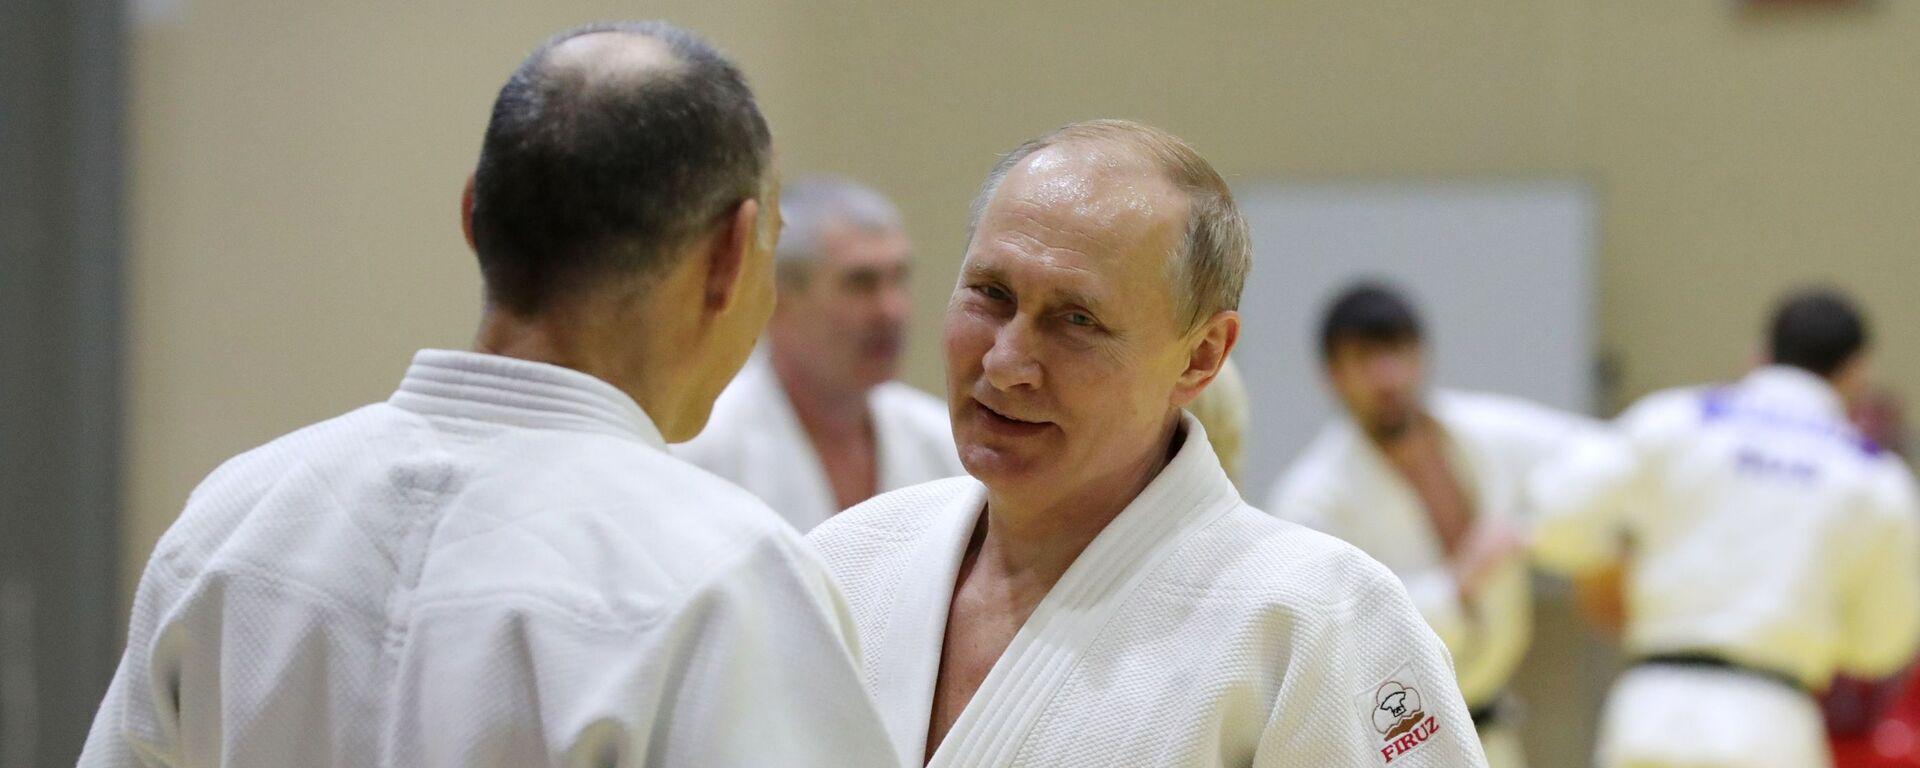 Tổng thống Nga Vladimir Putin trong buổi tập với các thành viên đội tuyển judo quốc gia Nga - Sputnik Việt Nam, 1920, 24.01.2020